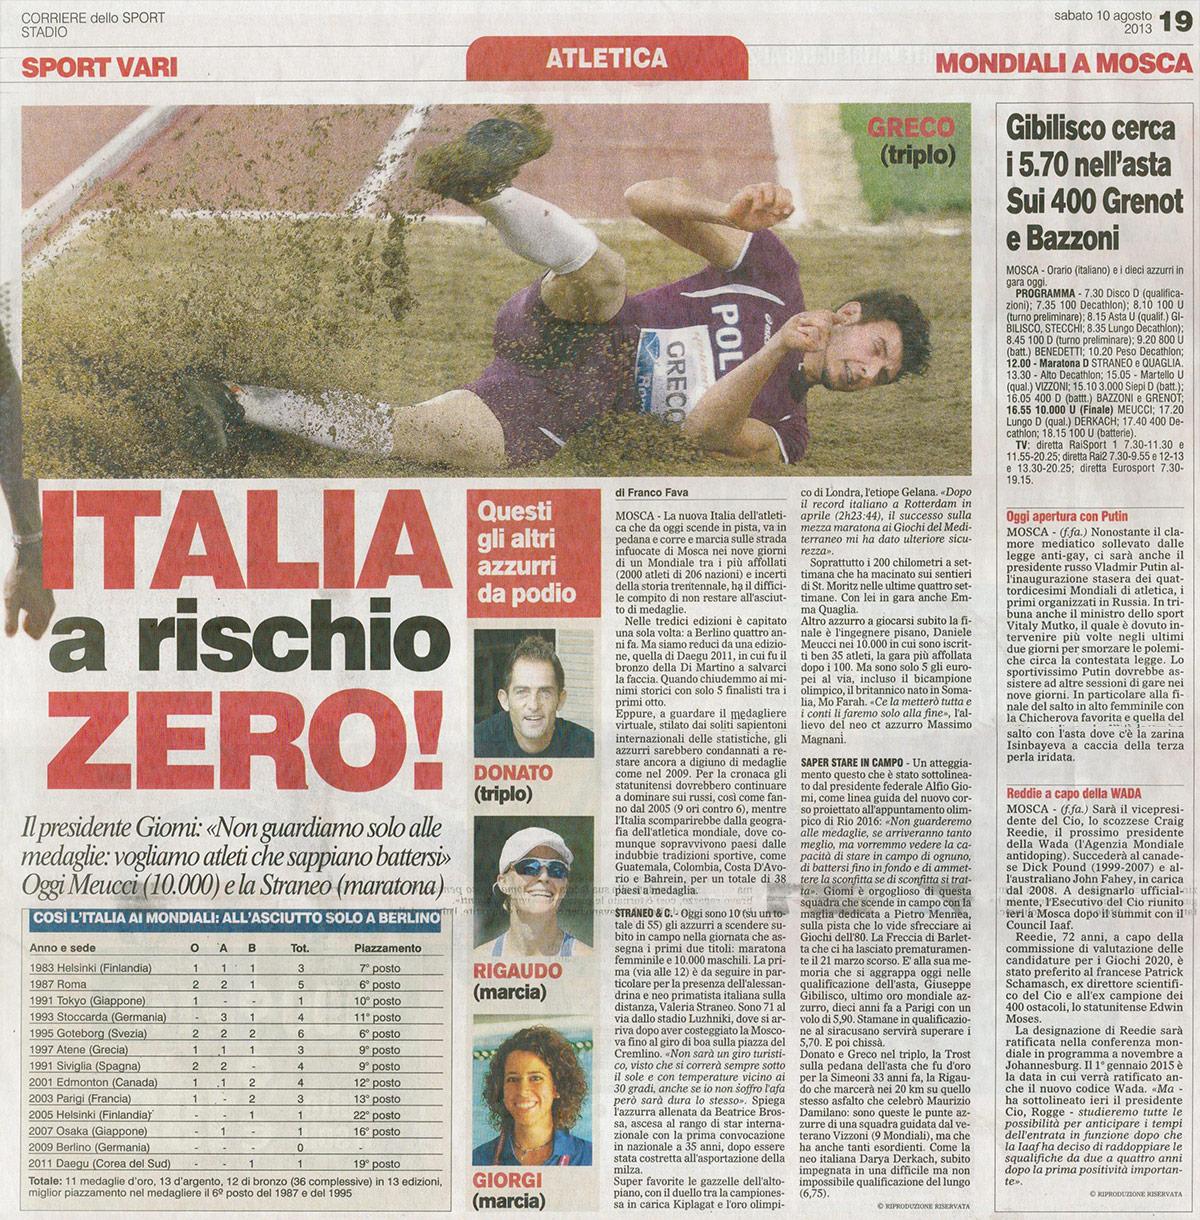 Daniele Greco – Rassegna Stampa 10 agosto